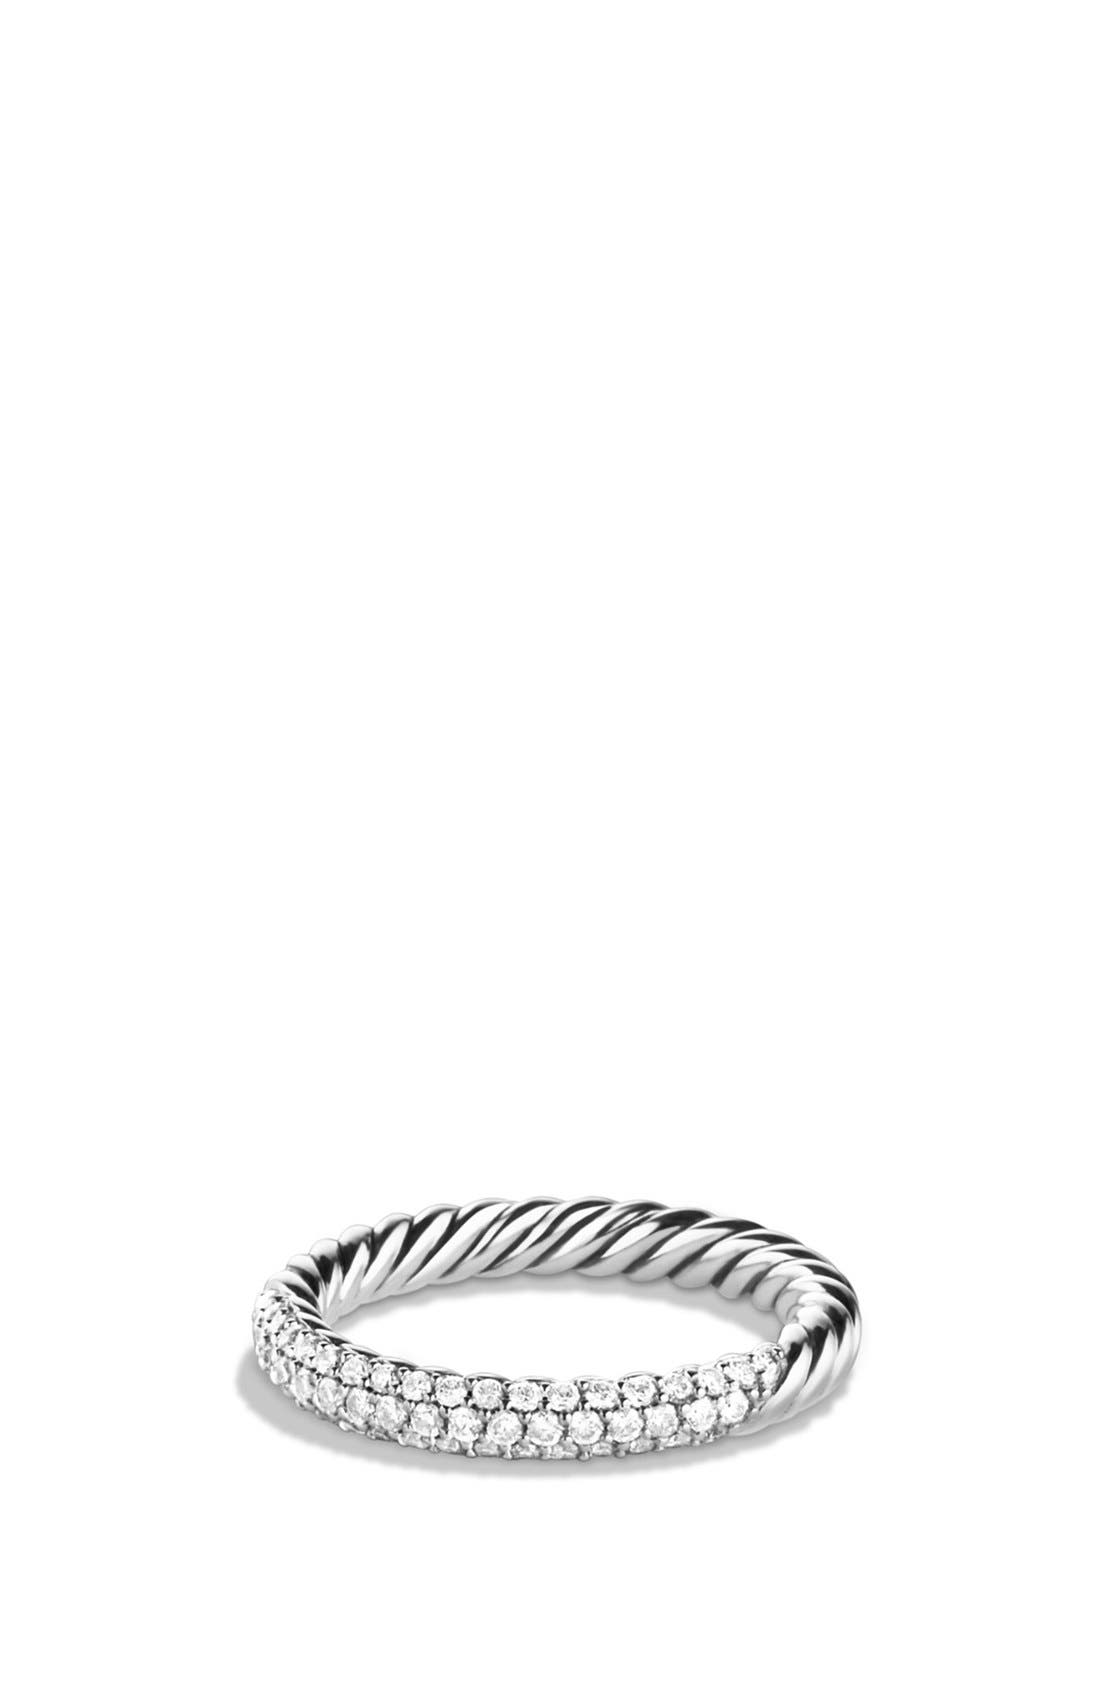 David Yurman 'Petite' Pavé Ring with Diamonds